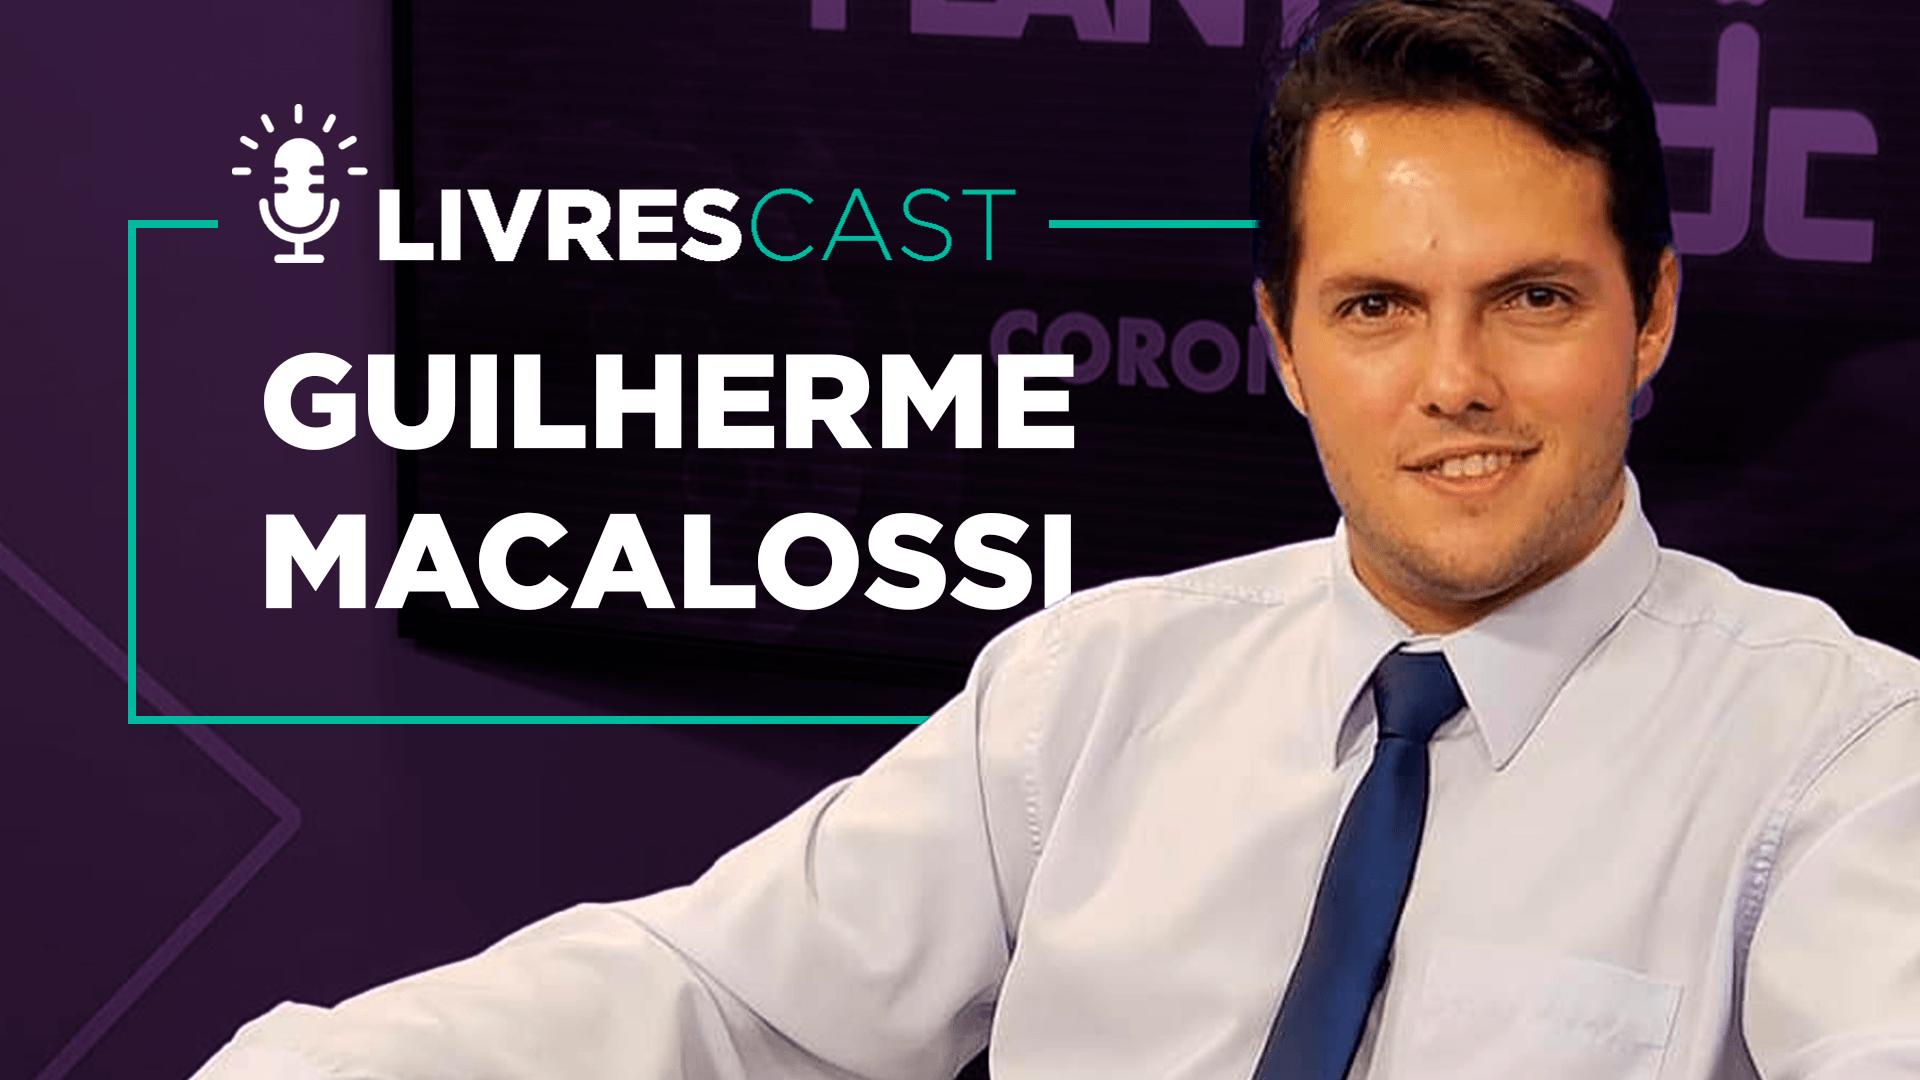 LivresCast ao vivo com o jornalista Guilherme Macalossi